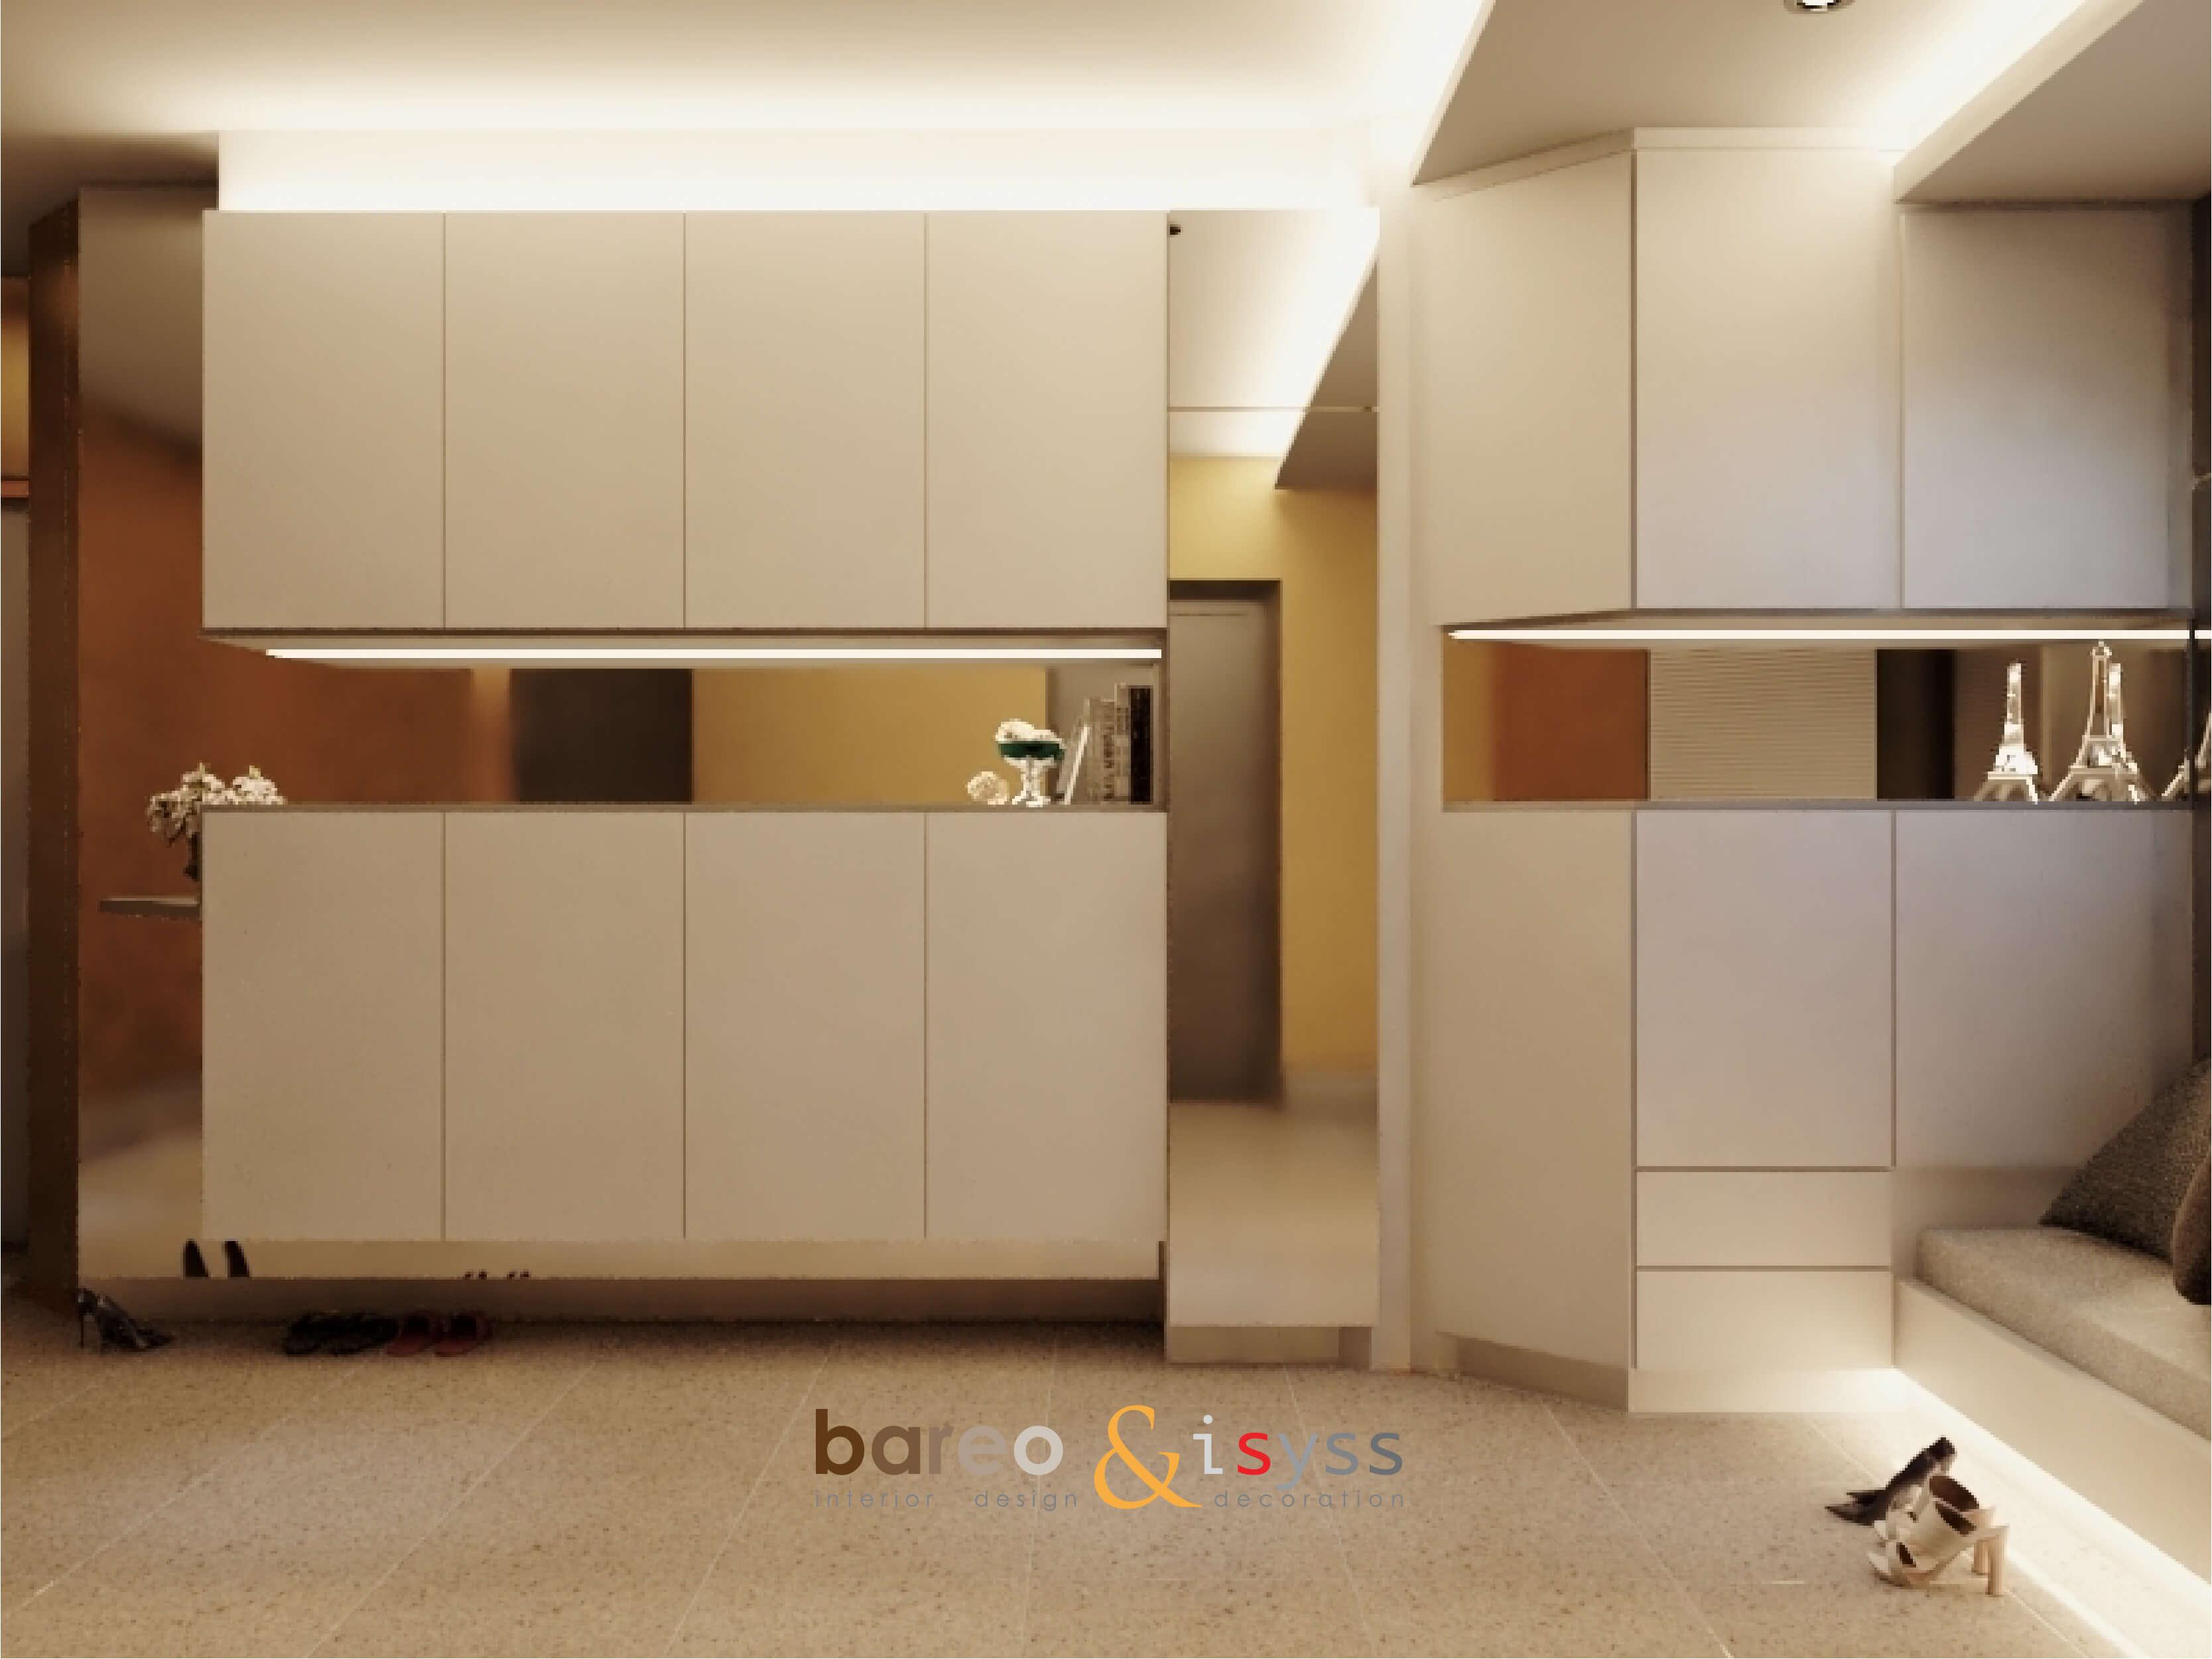 บาริโอ Bareo ออกแบบภายใน ออกแบบตกแต่งภายใน บริษัทออกแบบภาย บริษัทออกแบบตกแต่งภายใน interior รับออกแบบภายใน รับออกแบบตกแต่งภายใน งานinterior งานออกแบบตกแต่งภายใน